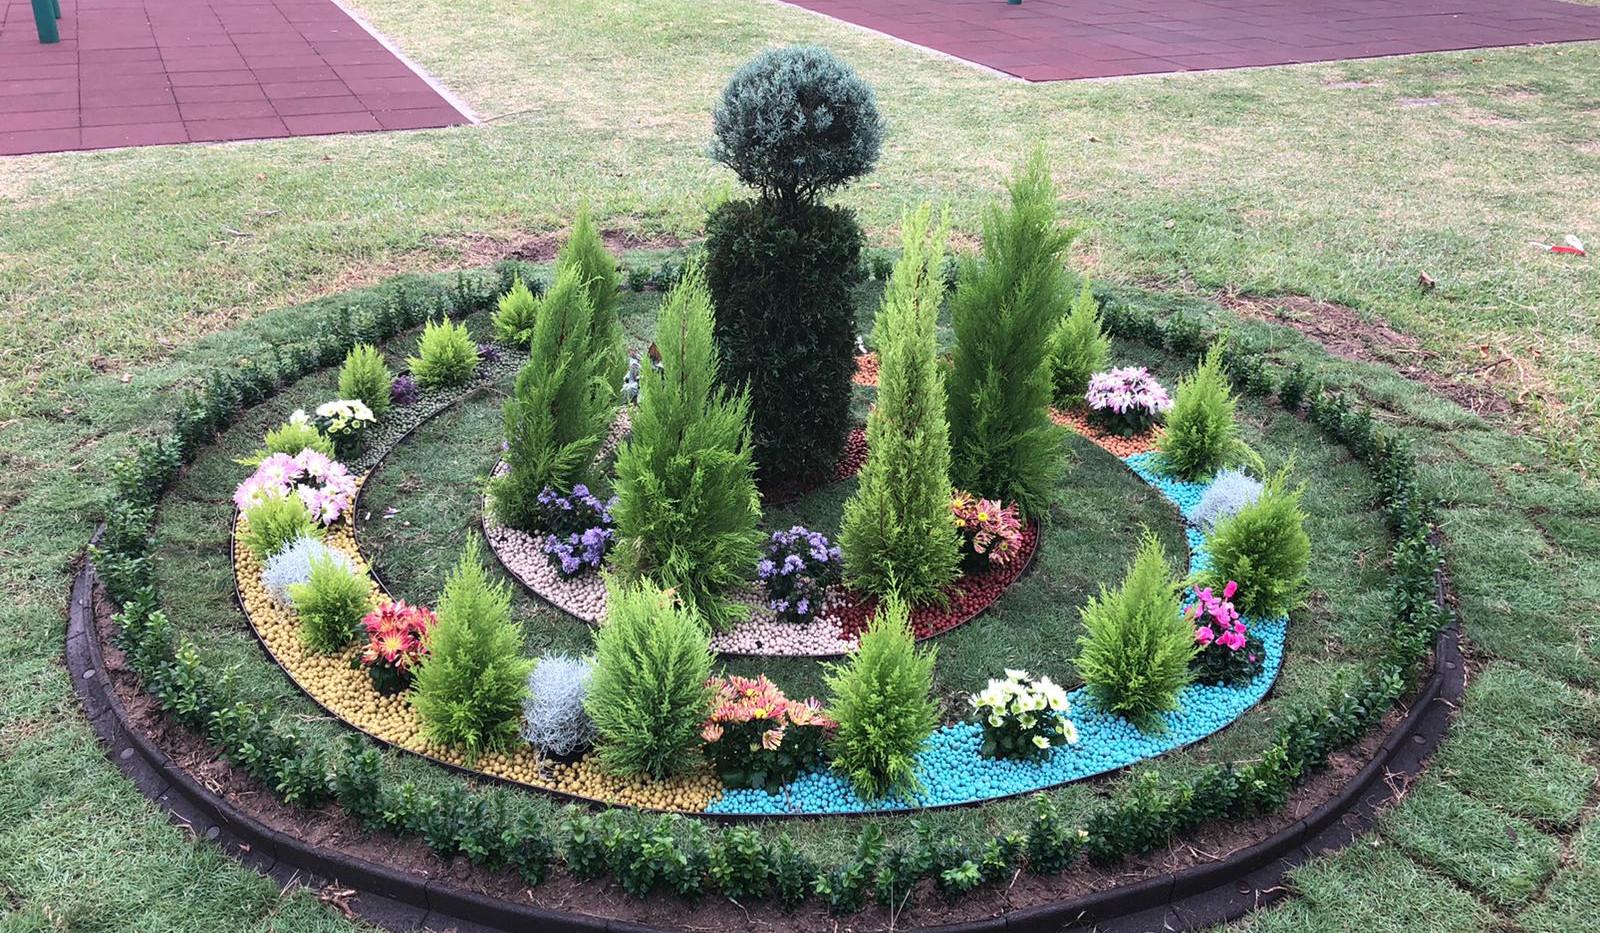 Garden Design 2020-10-19-16-56-19 Caball